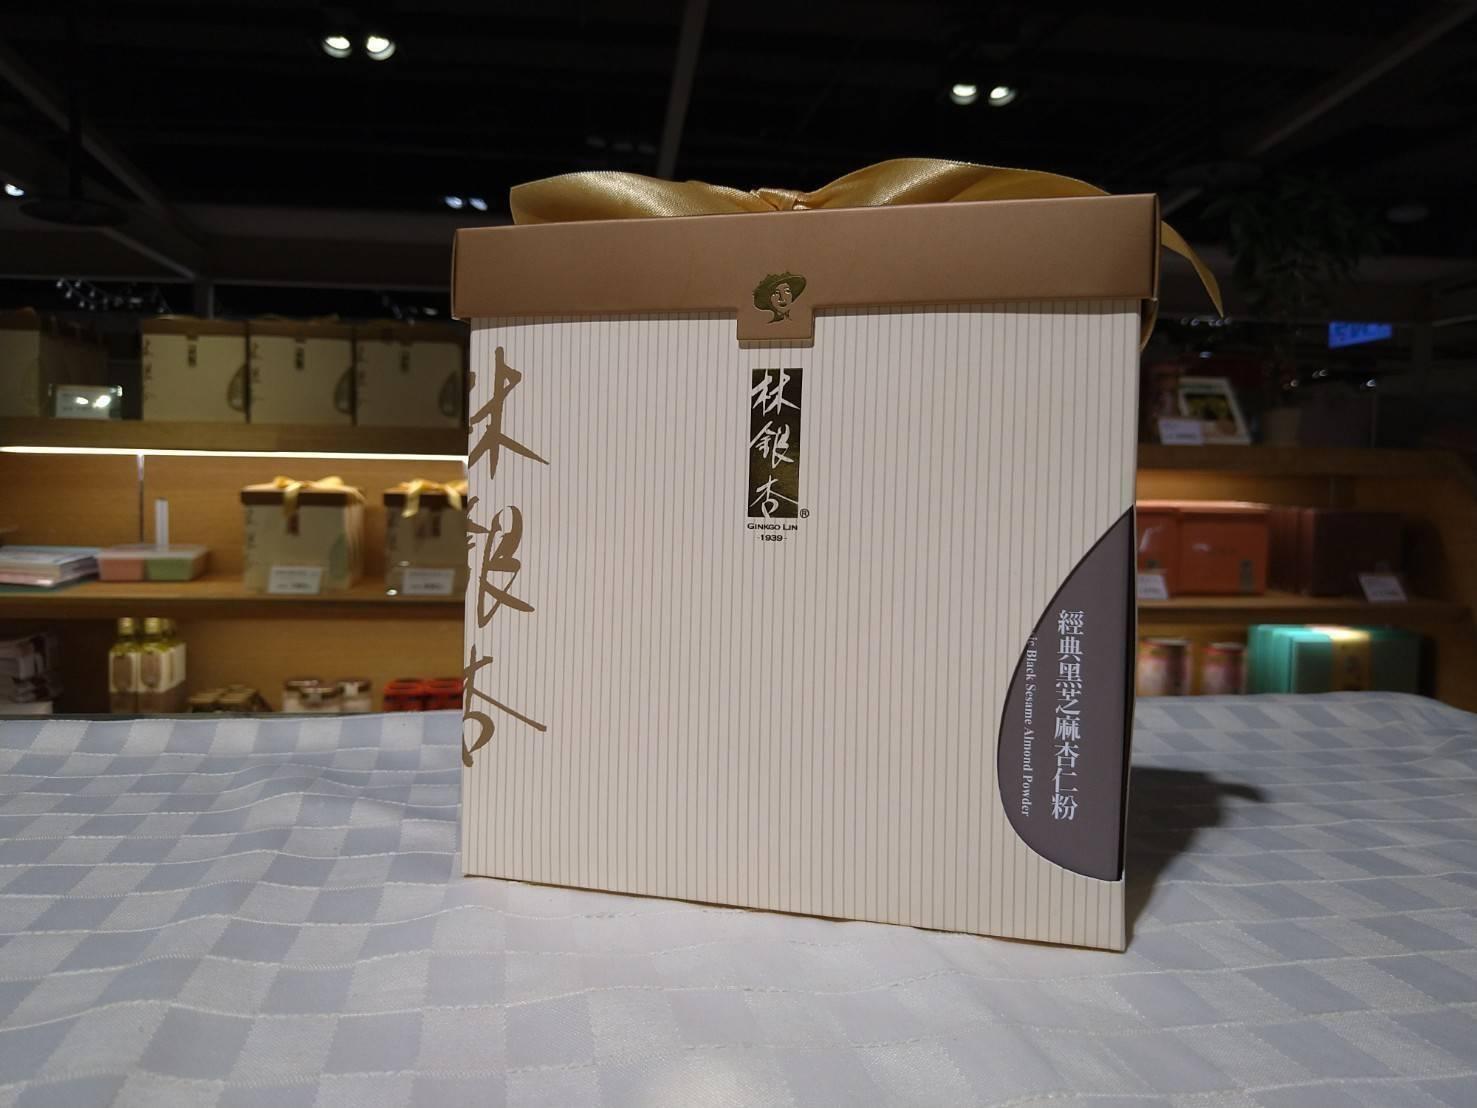 【買1盒再送1包】林銀杏經典黑芝麻杏仁粉600g/黑芝麻+天然杏仁原豆+松子/再送100克1包